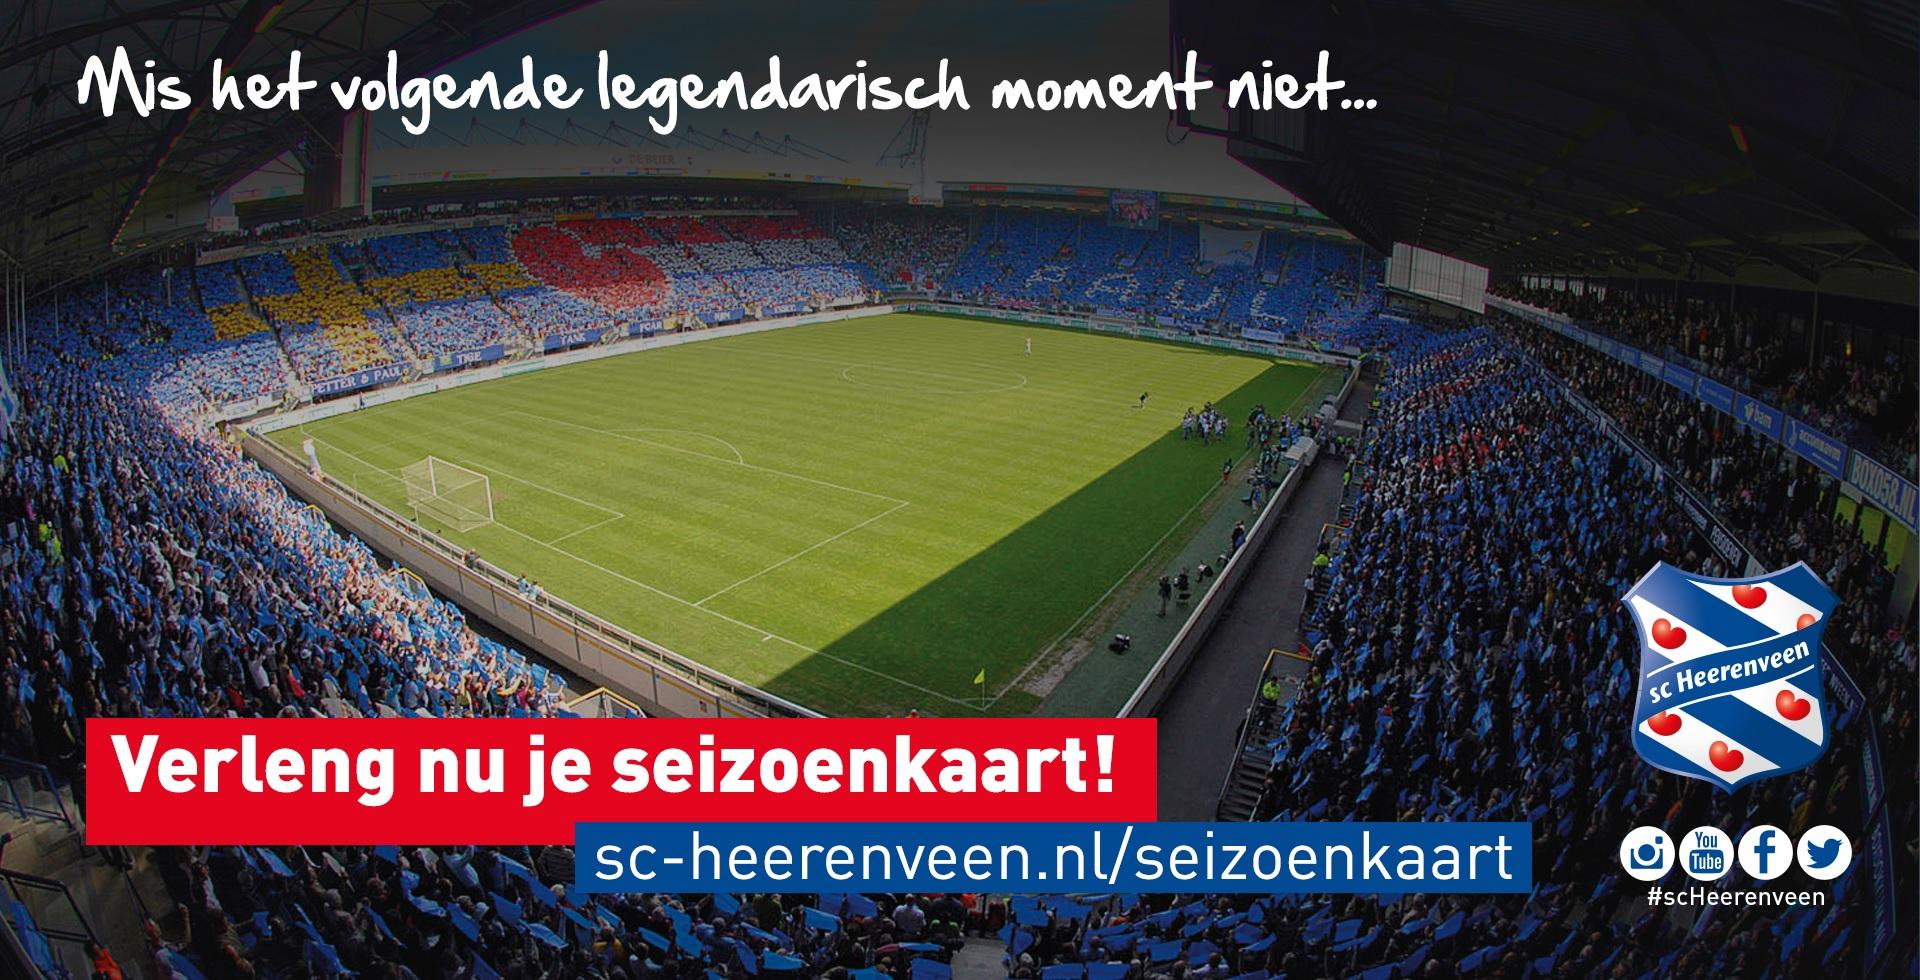 Verlengen of nieuwe seizoenkaarthouders SC Heerenveen